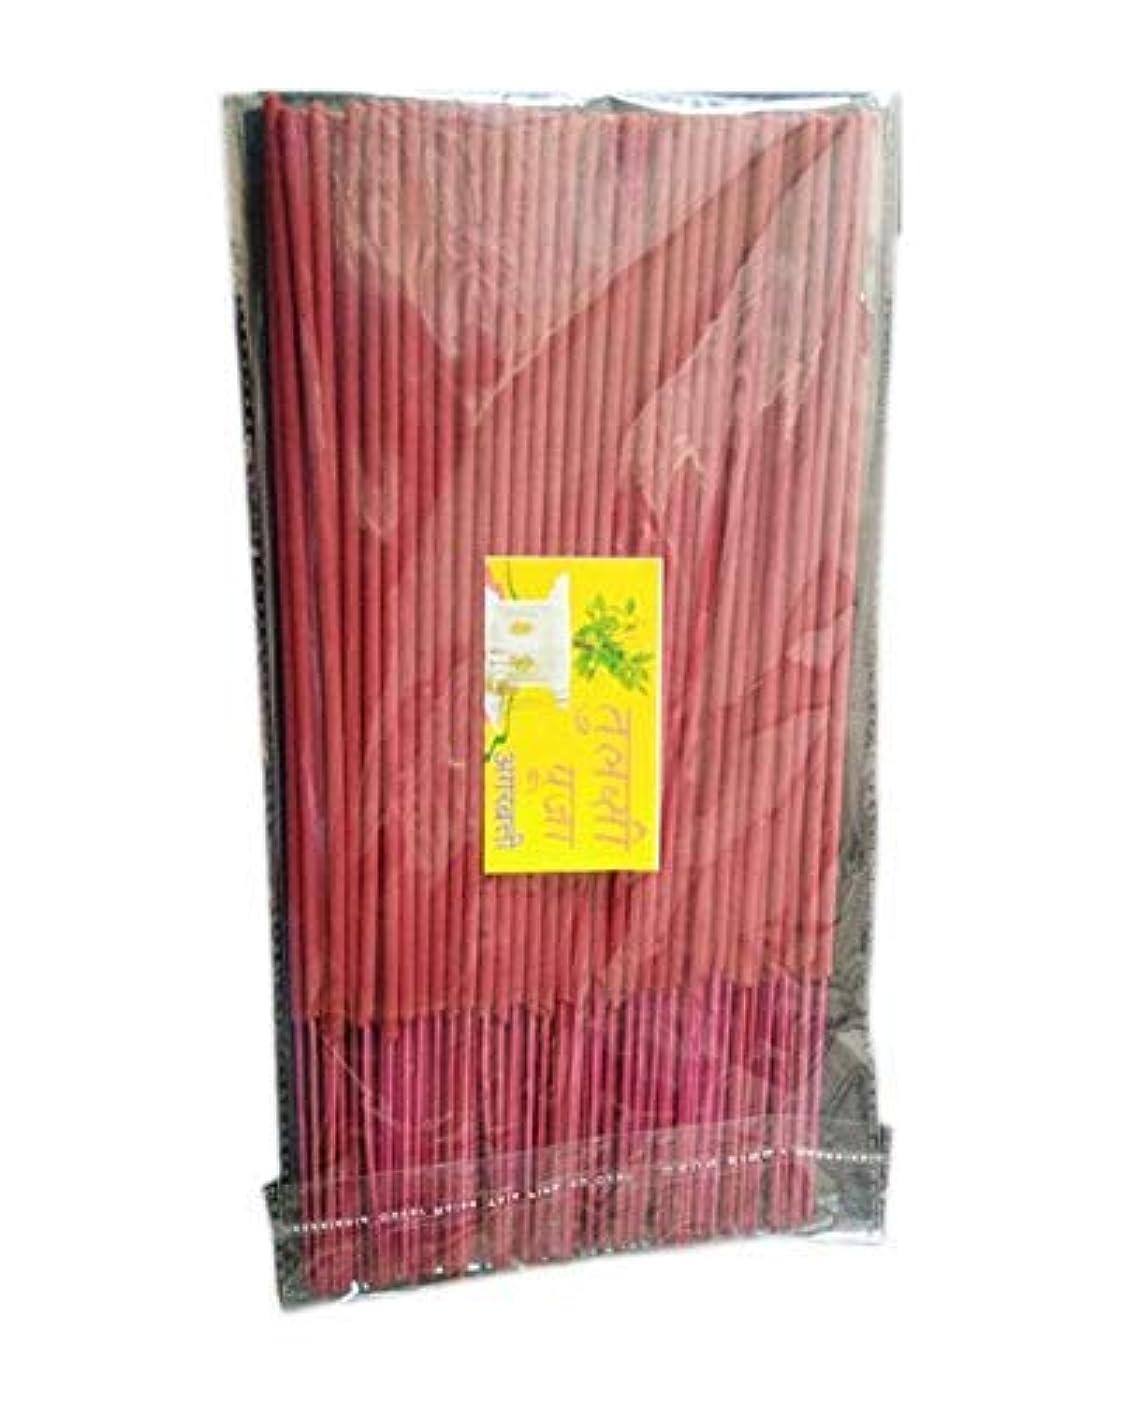 絶滅した栄養保証Darshan Tulsi Pooja Incense Sticks/Agarbatti (500 GM Pack)